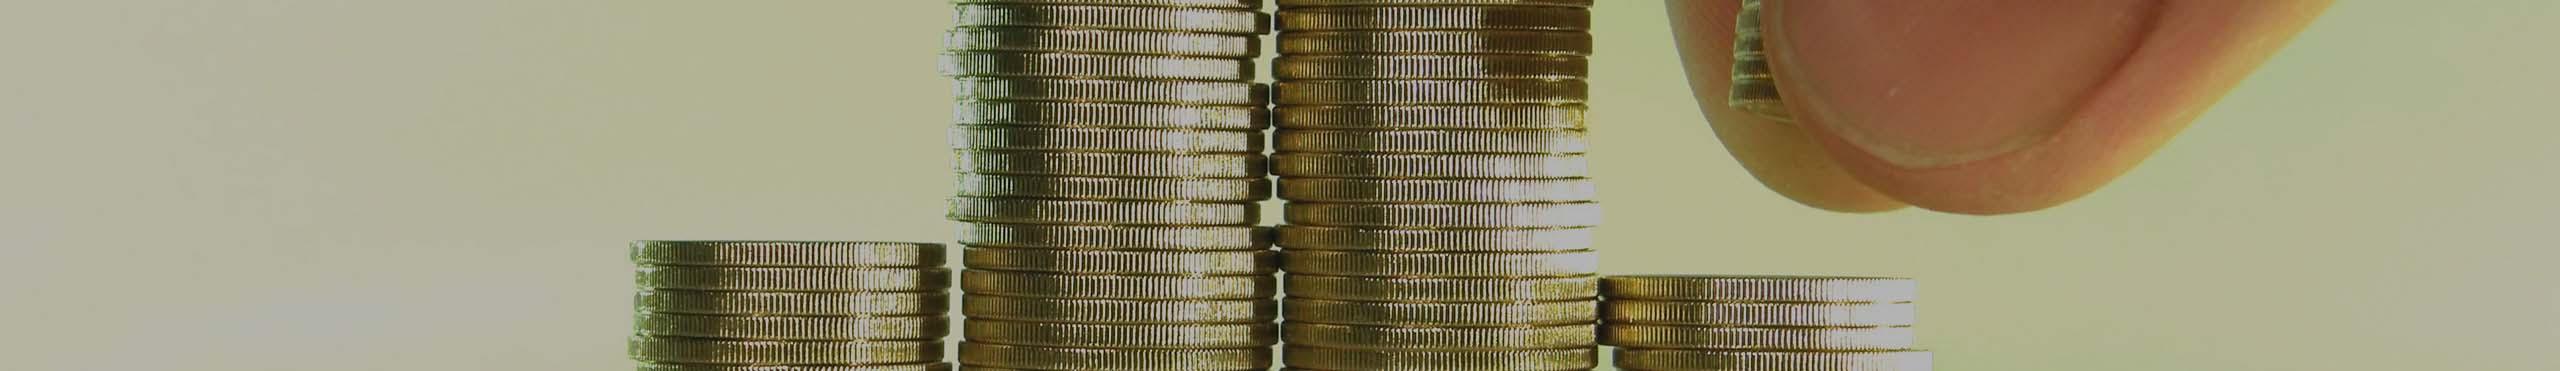 Epargne : 243.000 euros. C'est le patrimoine net moyen des ménages français